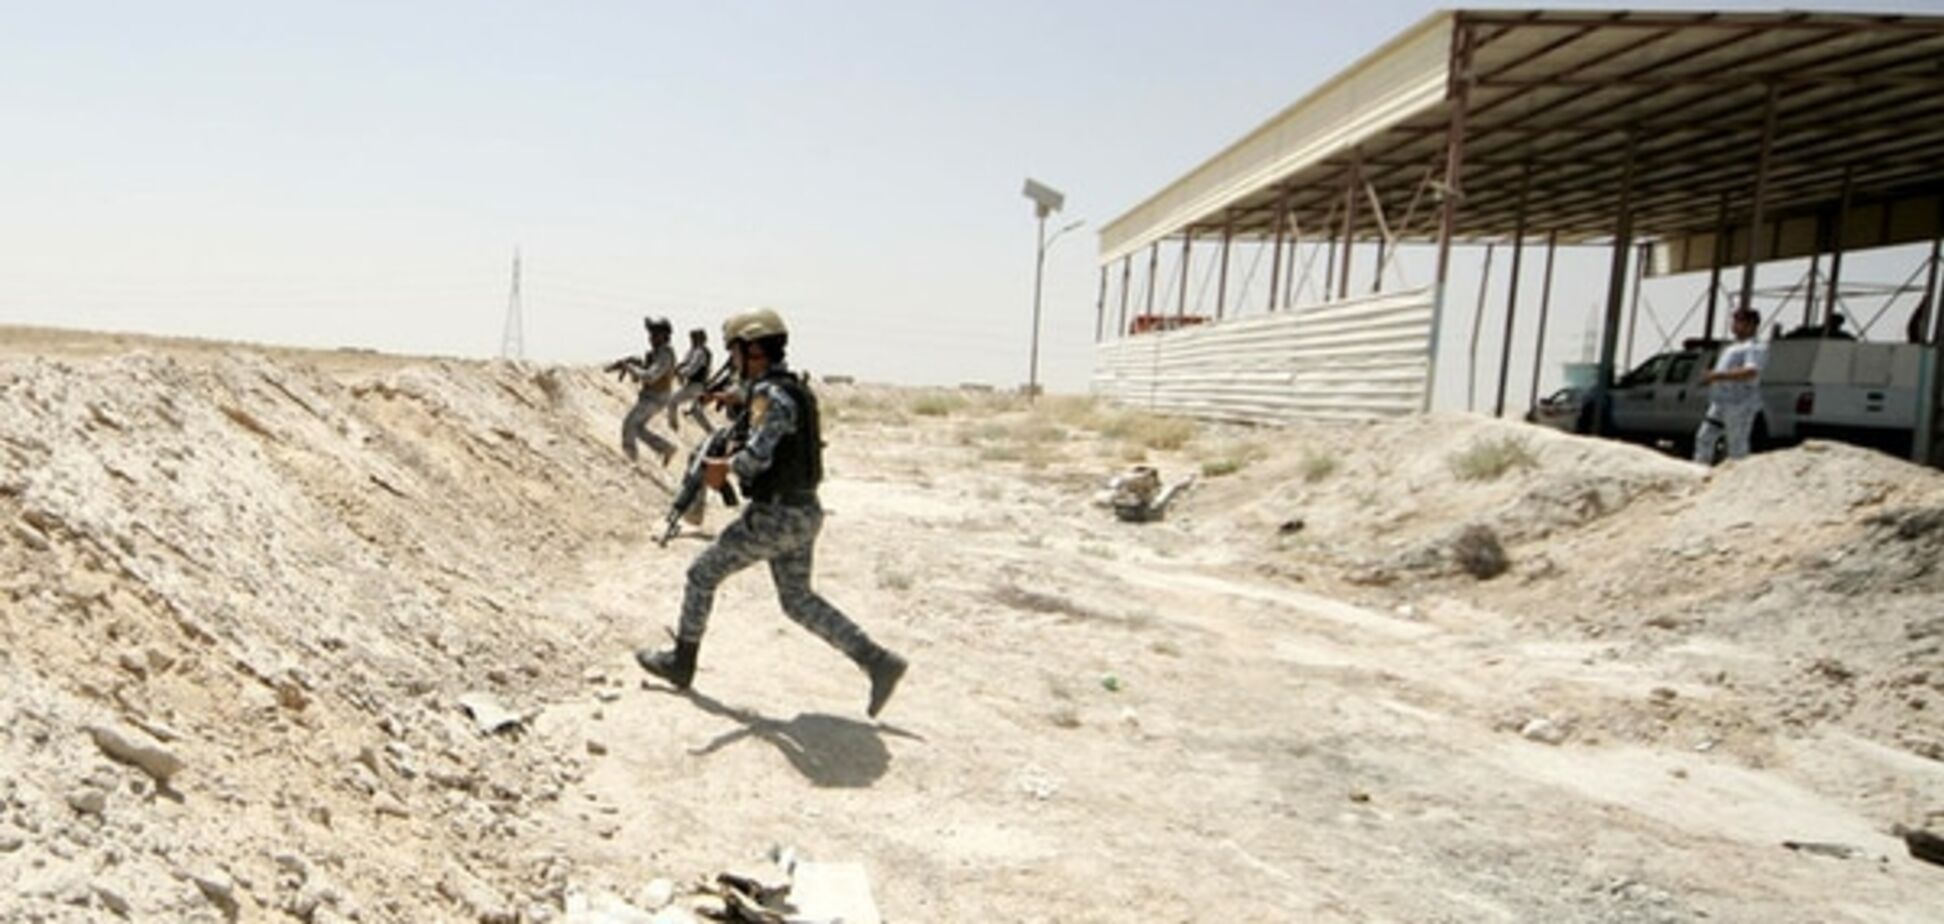 Задержанный пособник террористов ИГИЛ заявил о покупке оружия в Украине